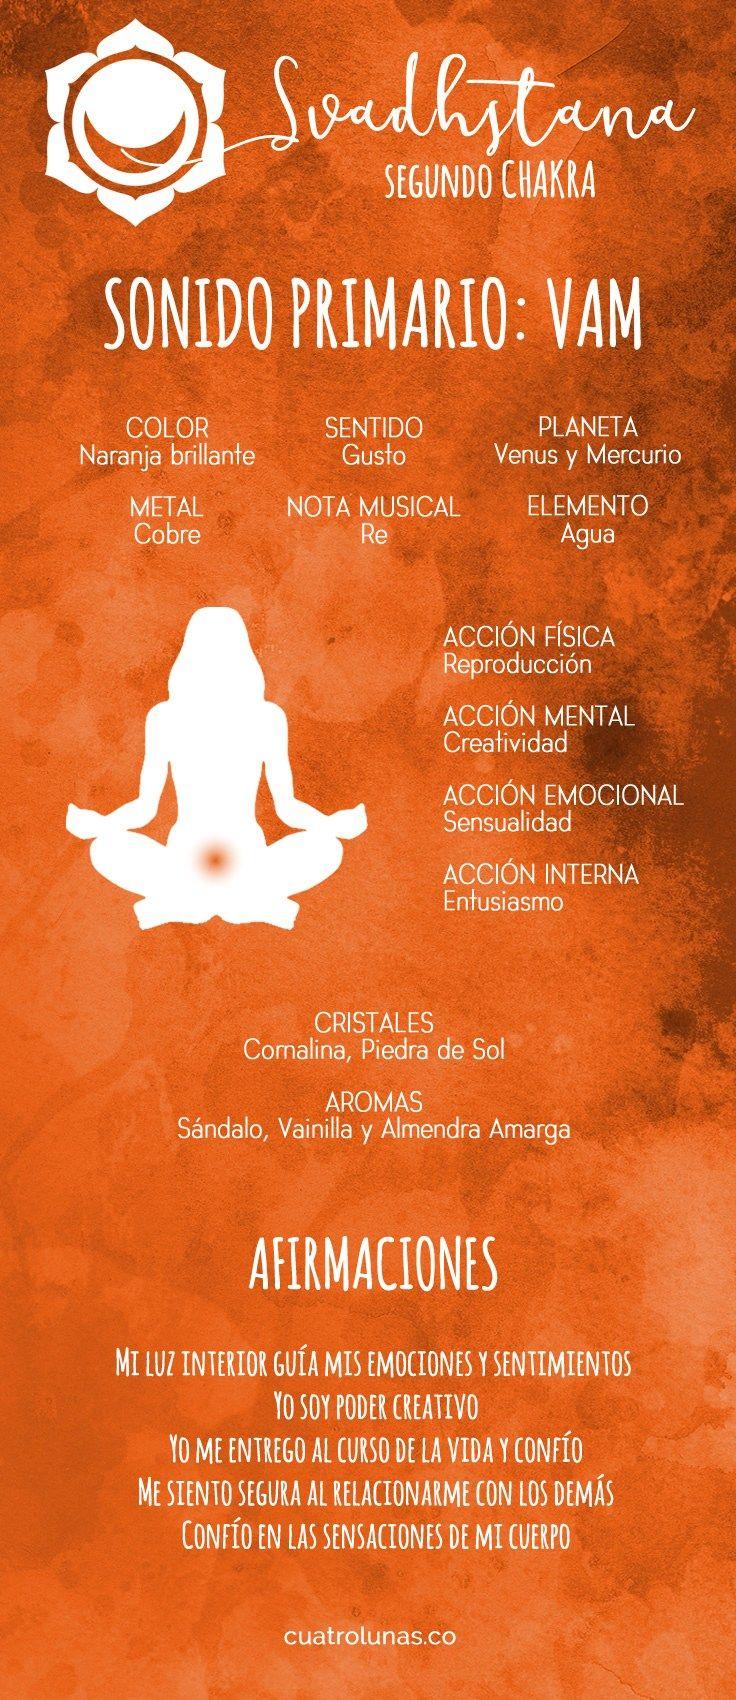 Continuando con la serie sobre la armonización de los siete chakras principales, hoy veremos cómo armonizar el segundo chakra también conocido como Svadhstana o chakra sacro el cual nos conecta con…